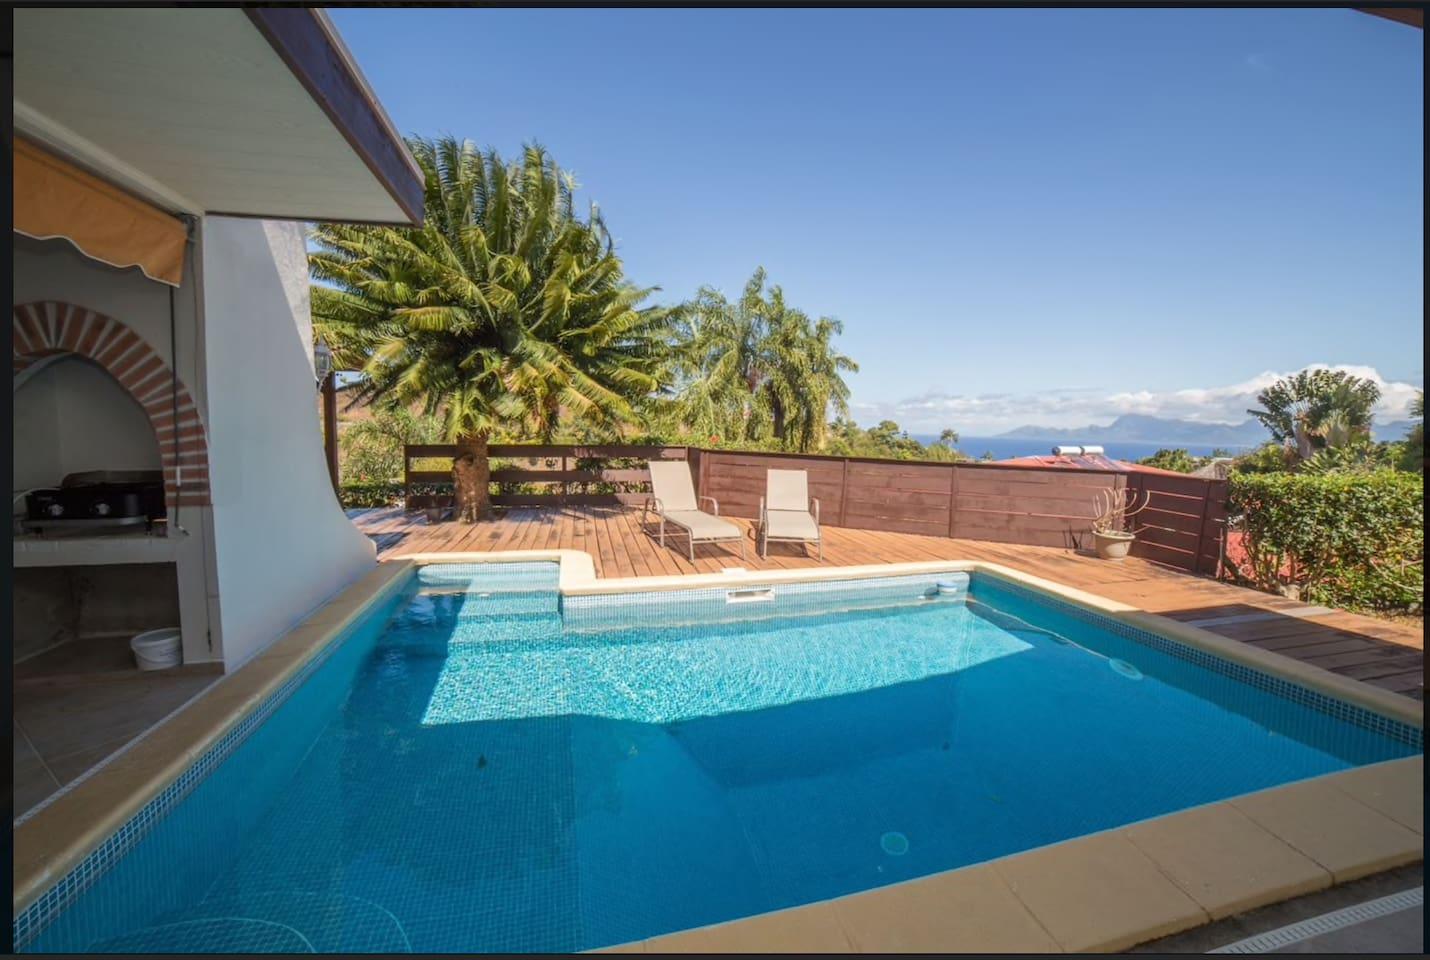 Piscine et terrasse devant la maison principale à votre disposition.